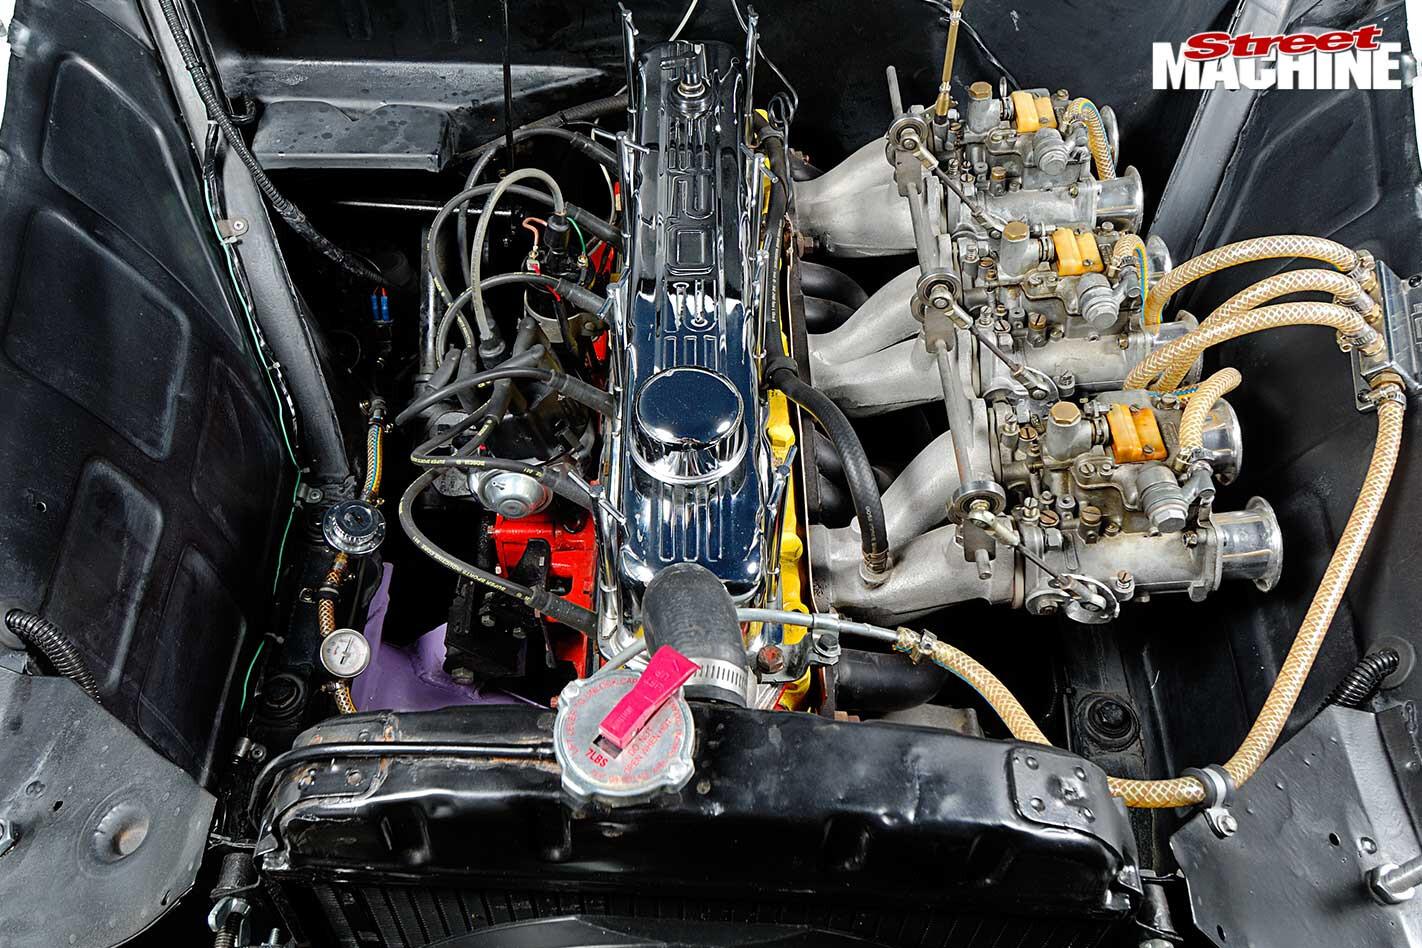 Holden FX gasser engine bay